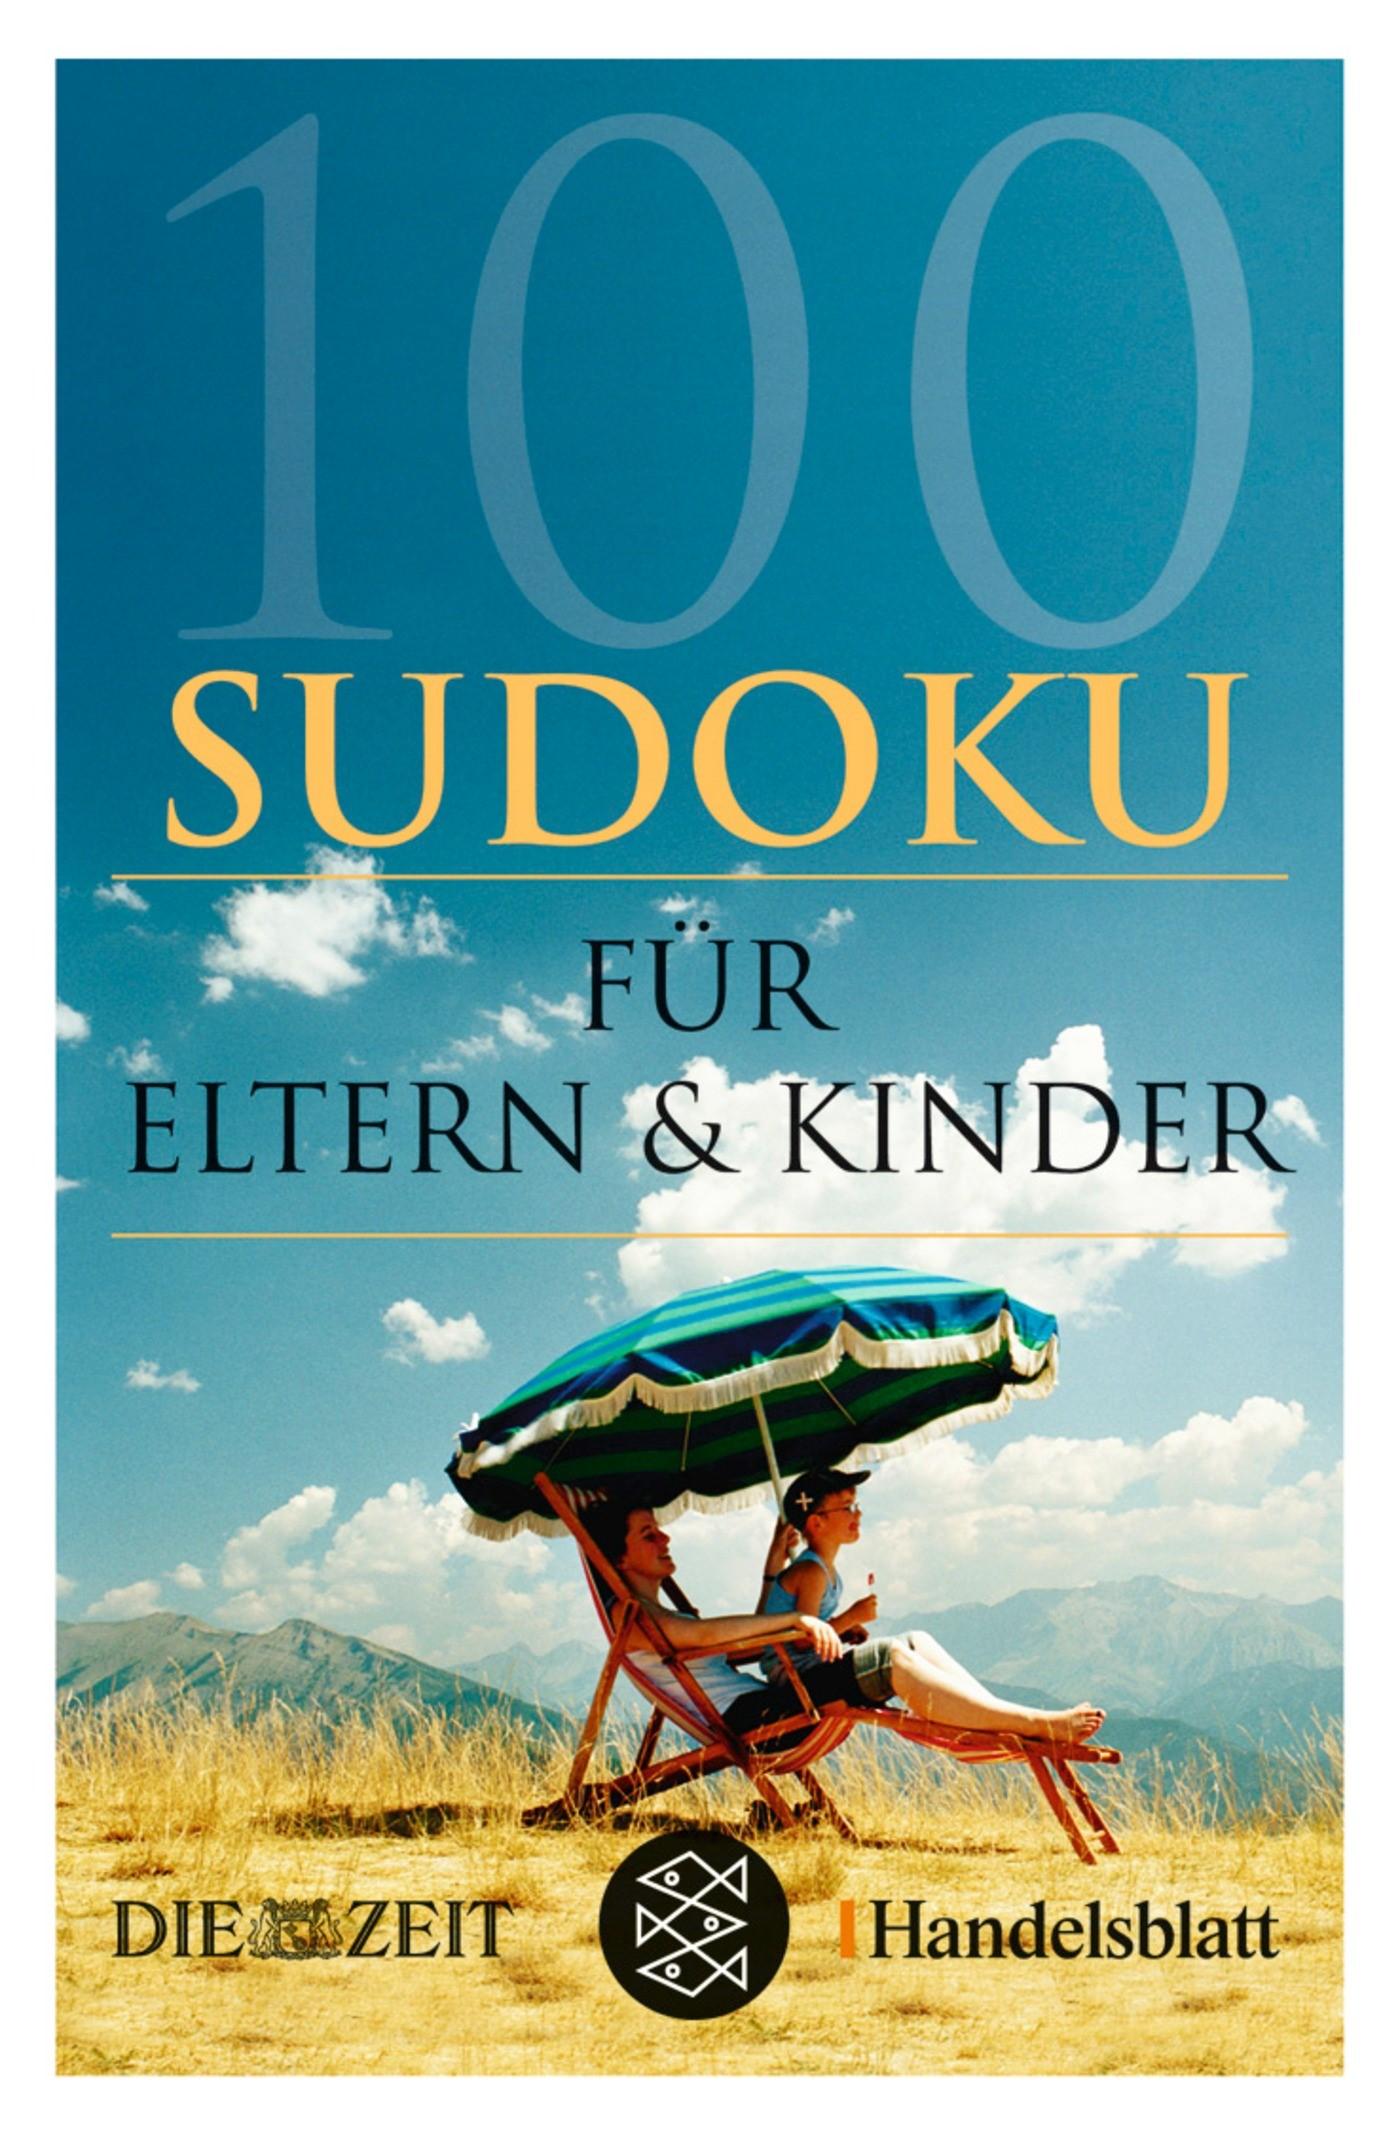 Abbildung von 100 Sudoku für Eltern & Kinder | 1. Auflage | 2007